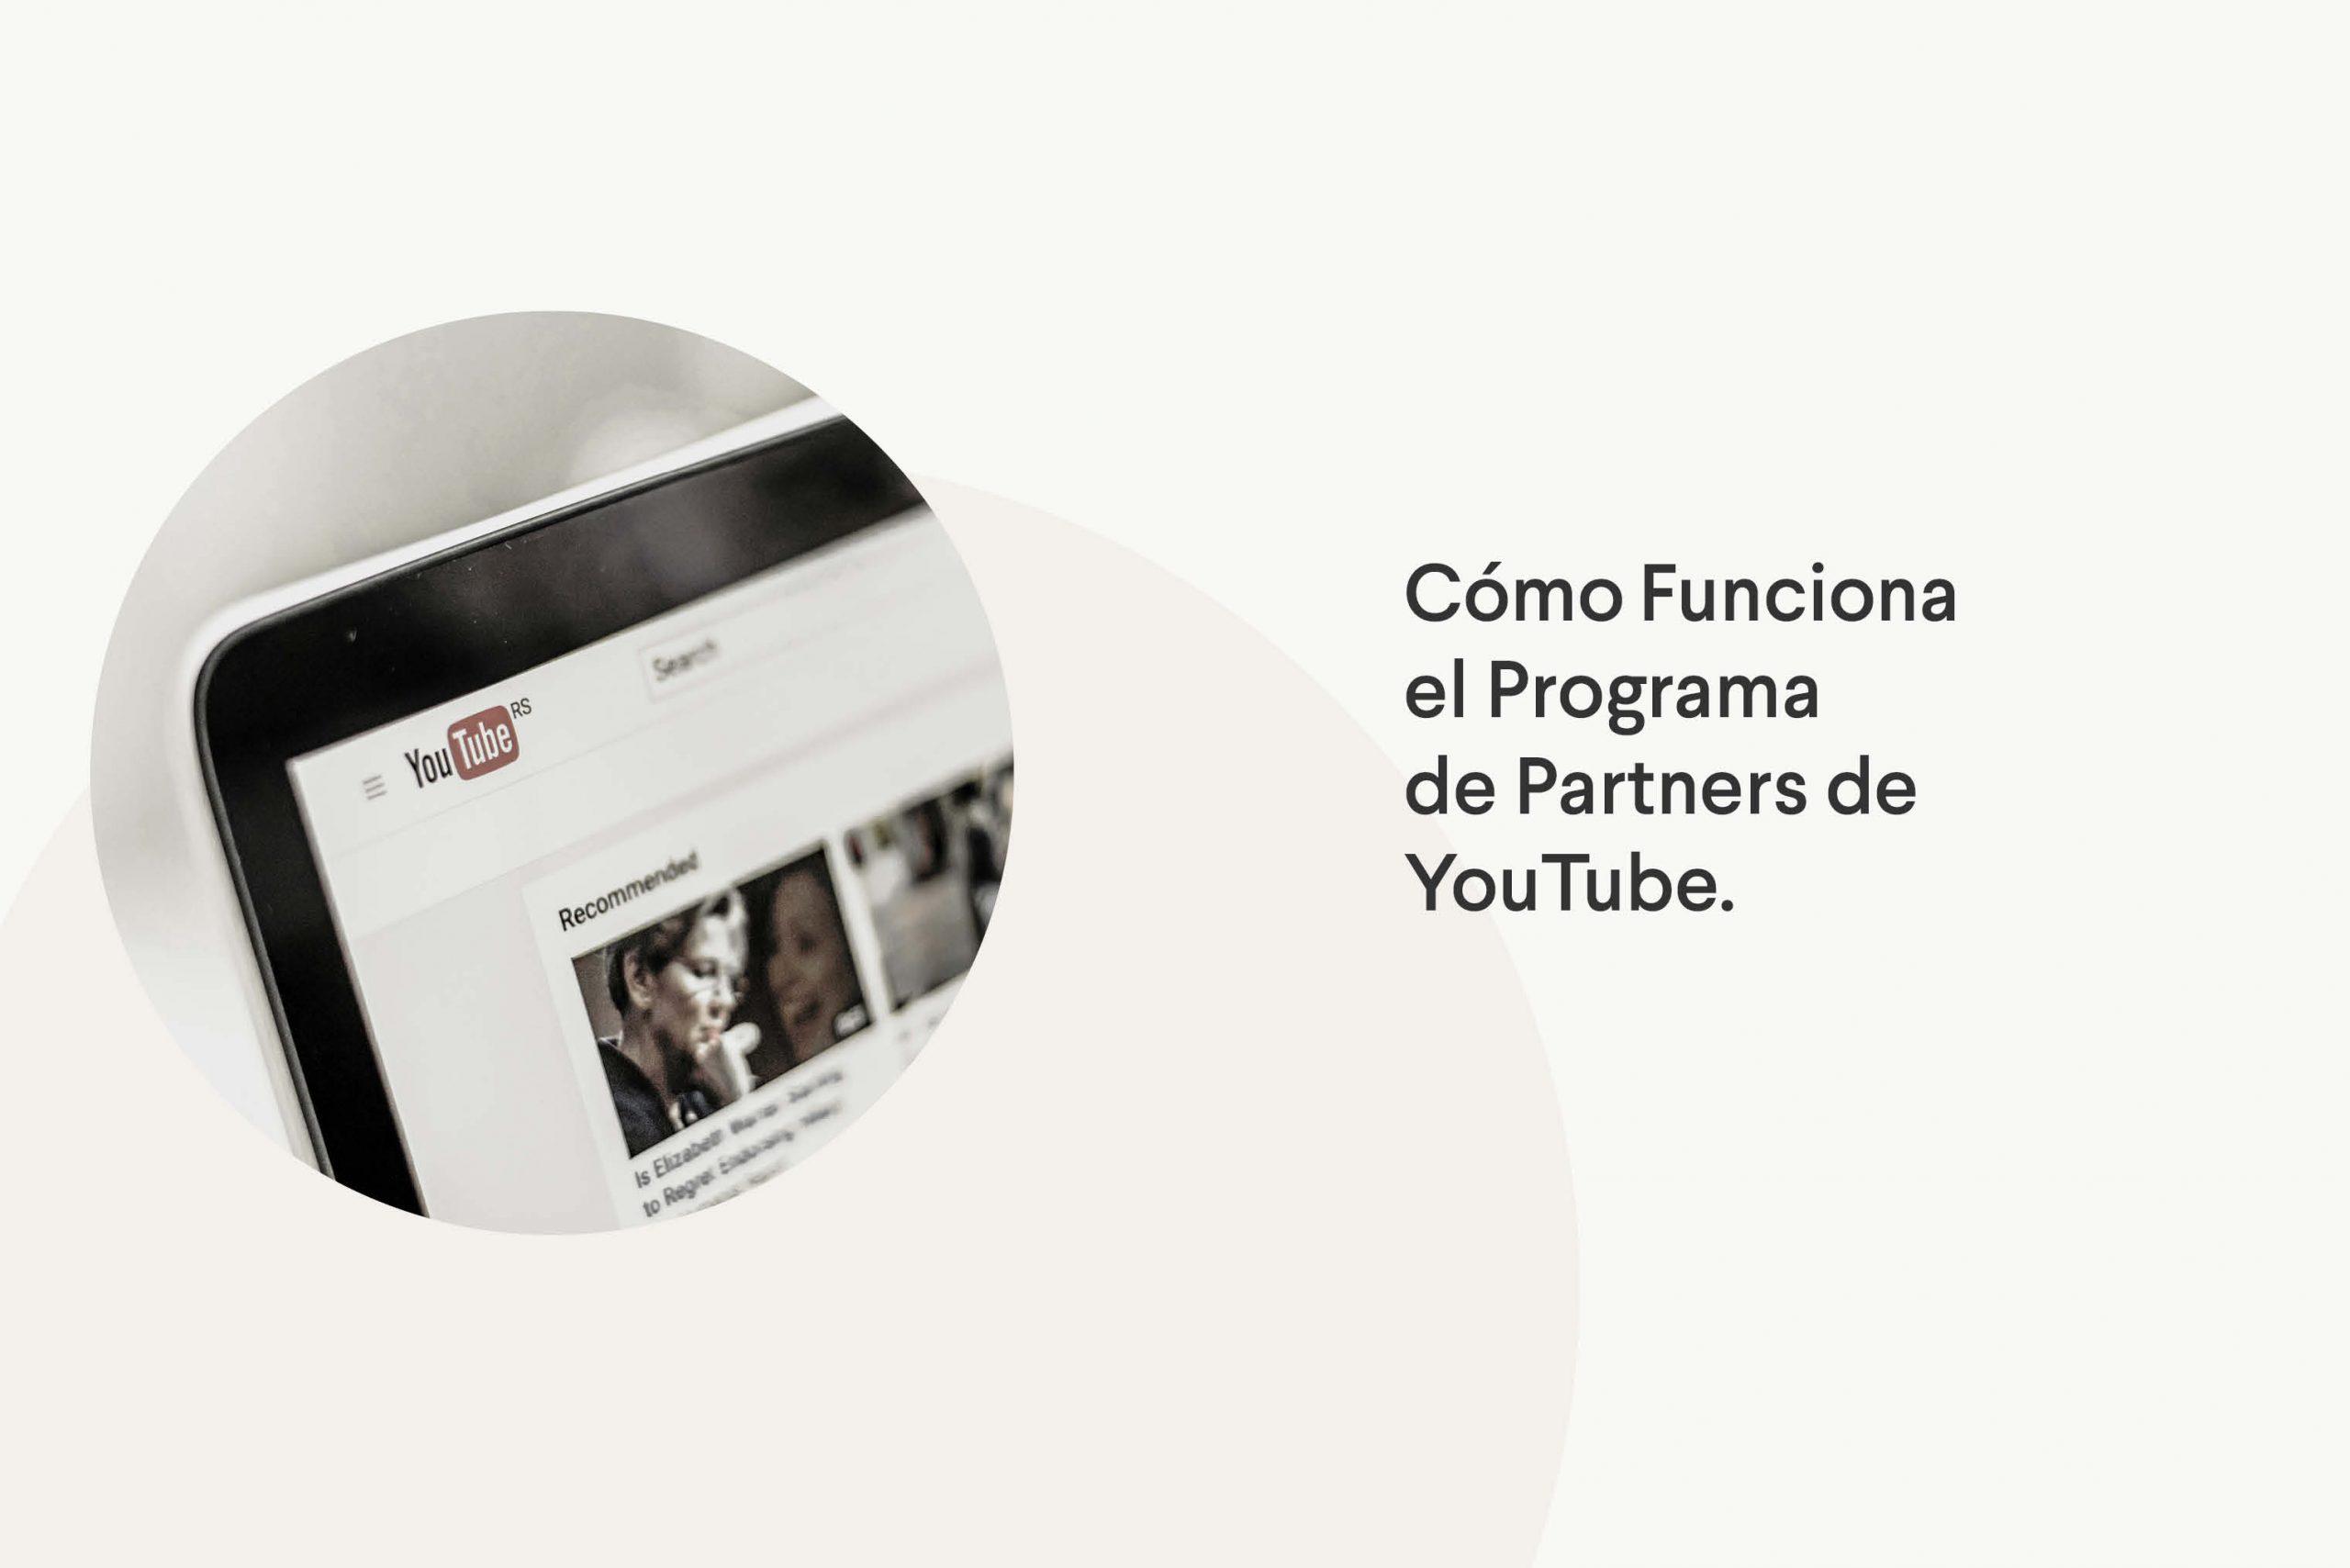 cómo funciona el programa de partners de YouTube